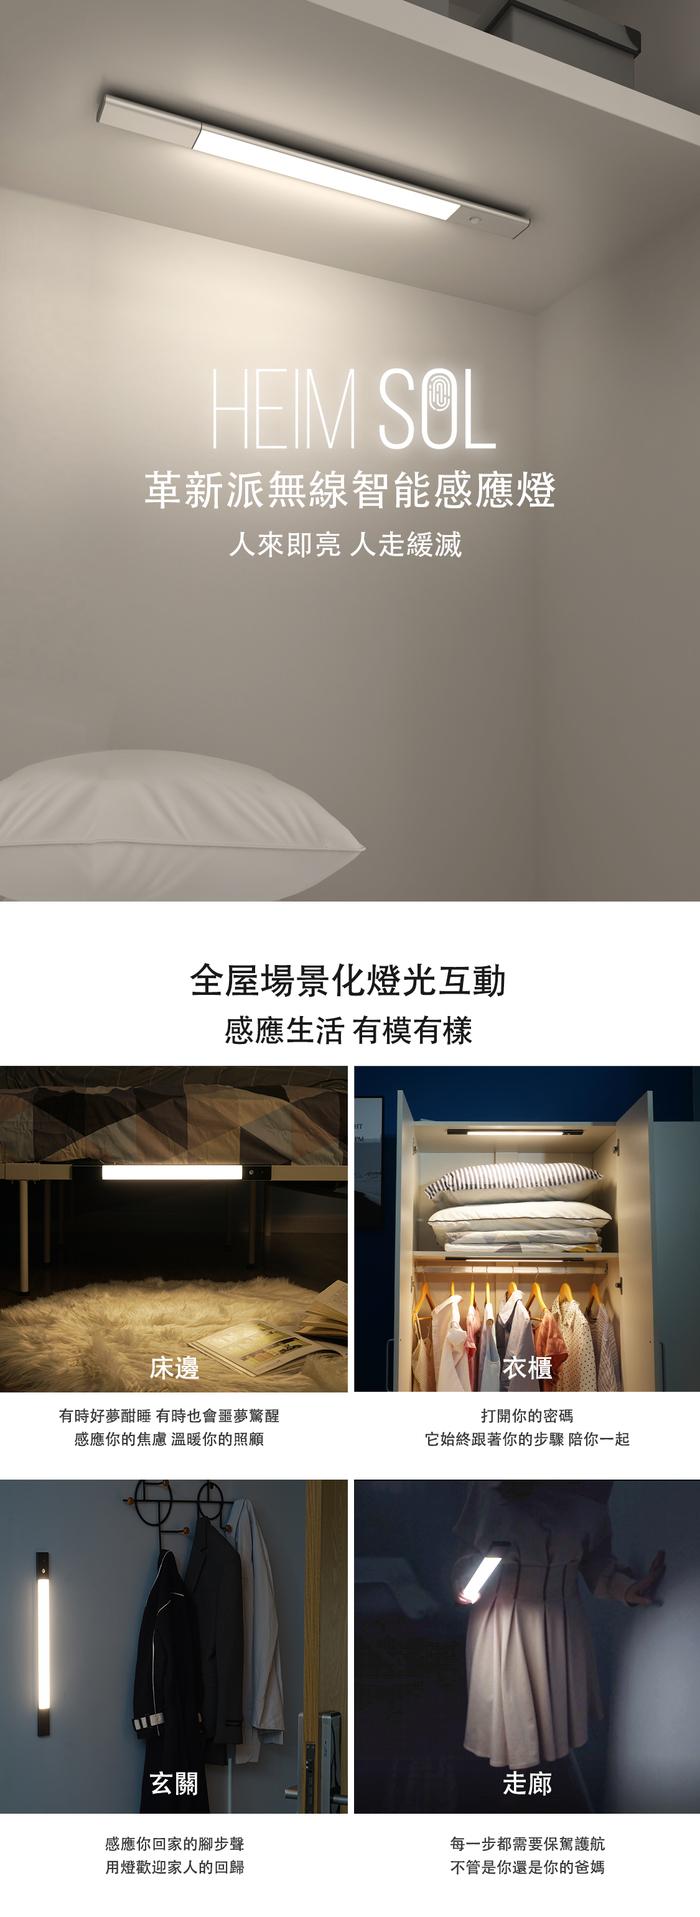 【集購】Home Sol |革新派無限智能感應LED燈 超輕超薄 含磁鐵吸附 (2色)